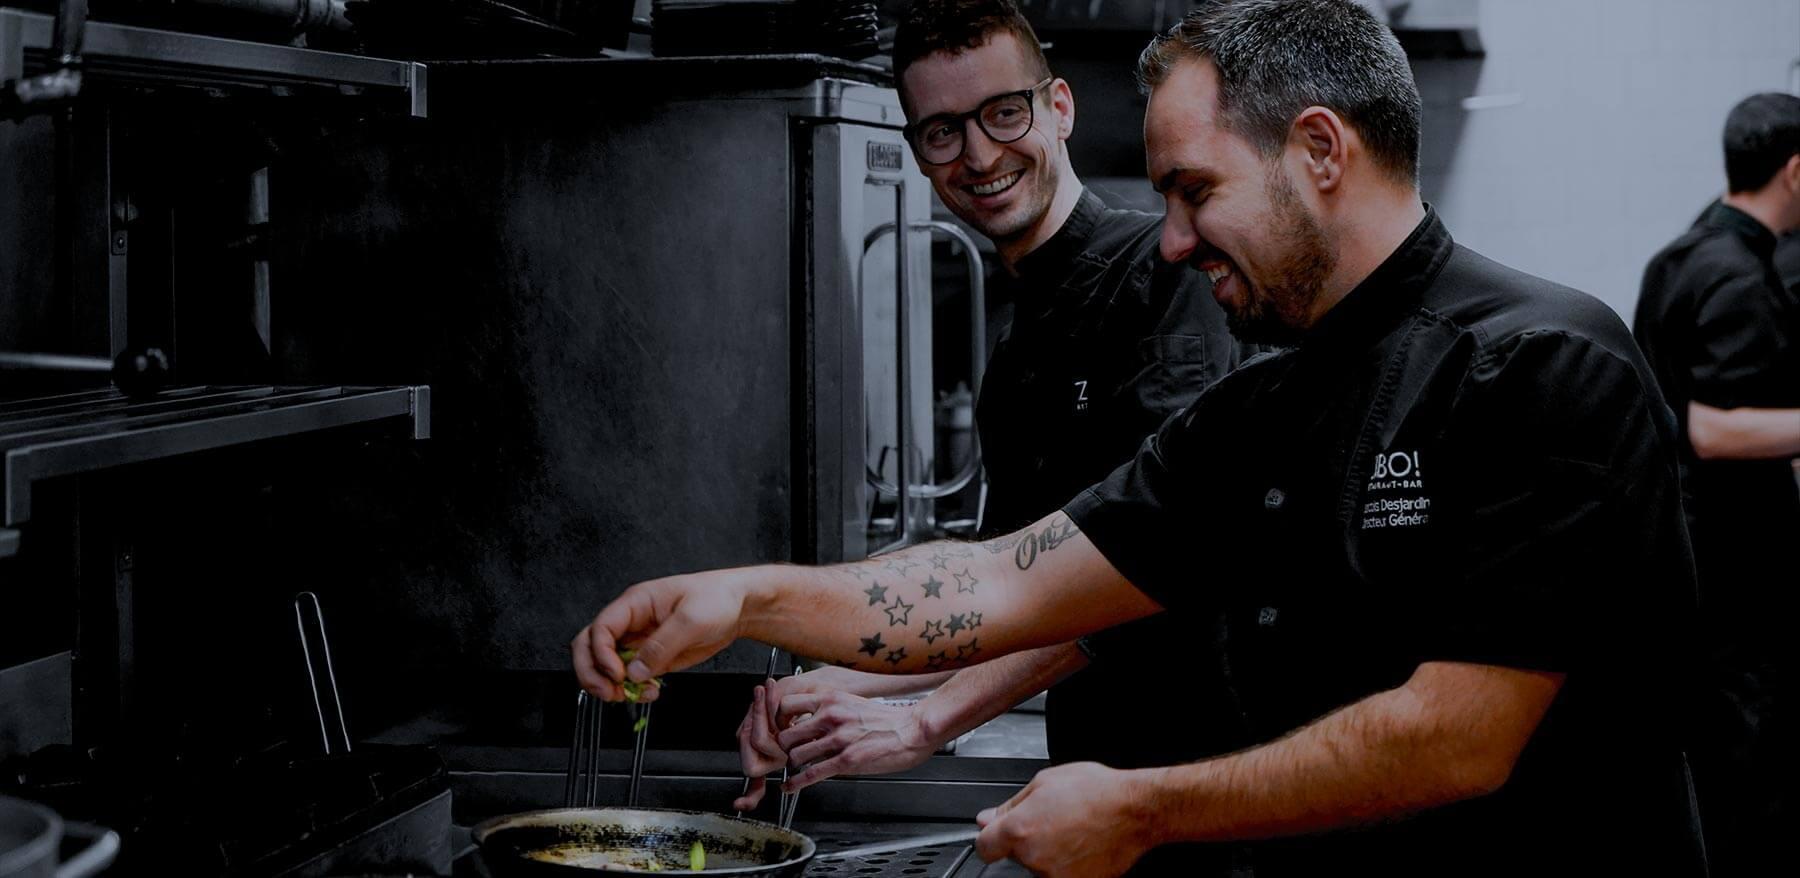 Deux cuisiniers qui préparent un plat.